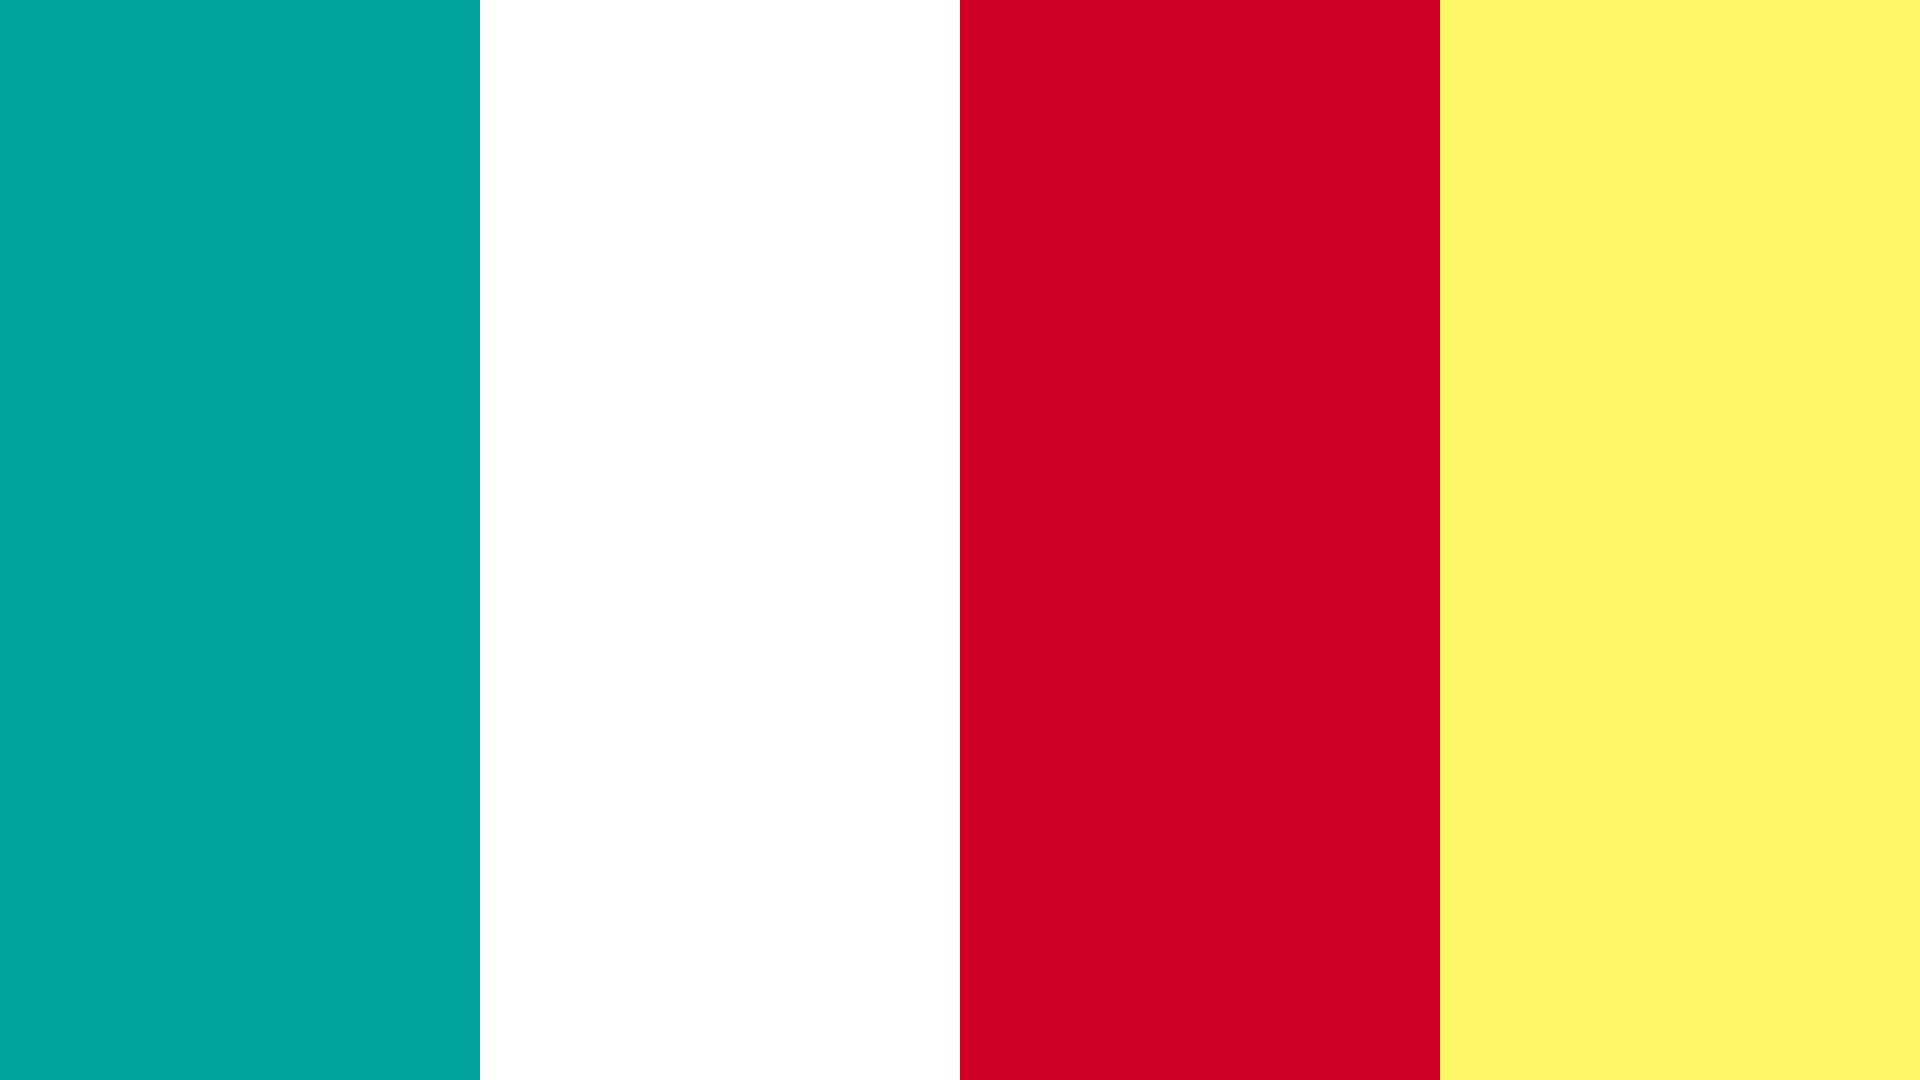 Liverpool F C Logo Color Scheme Brand And Logo Schemecolor Com